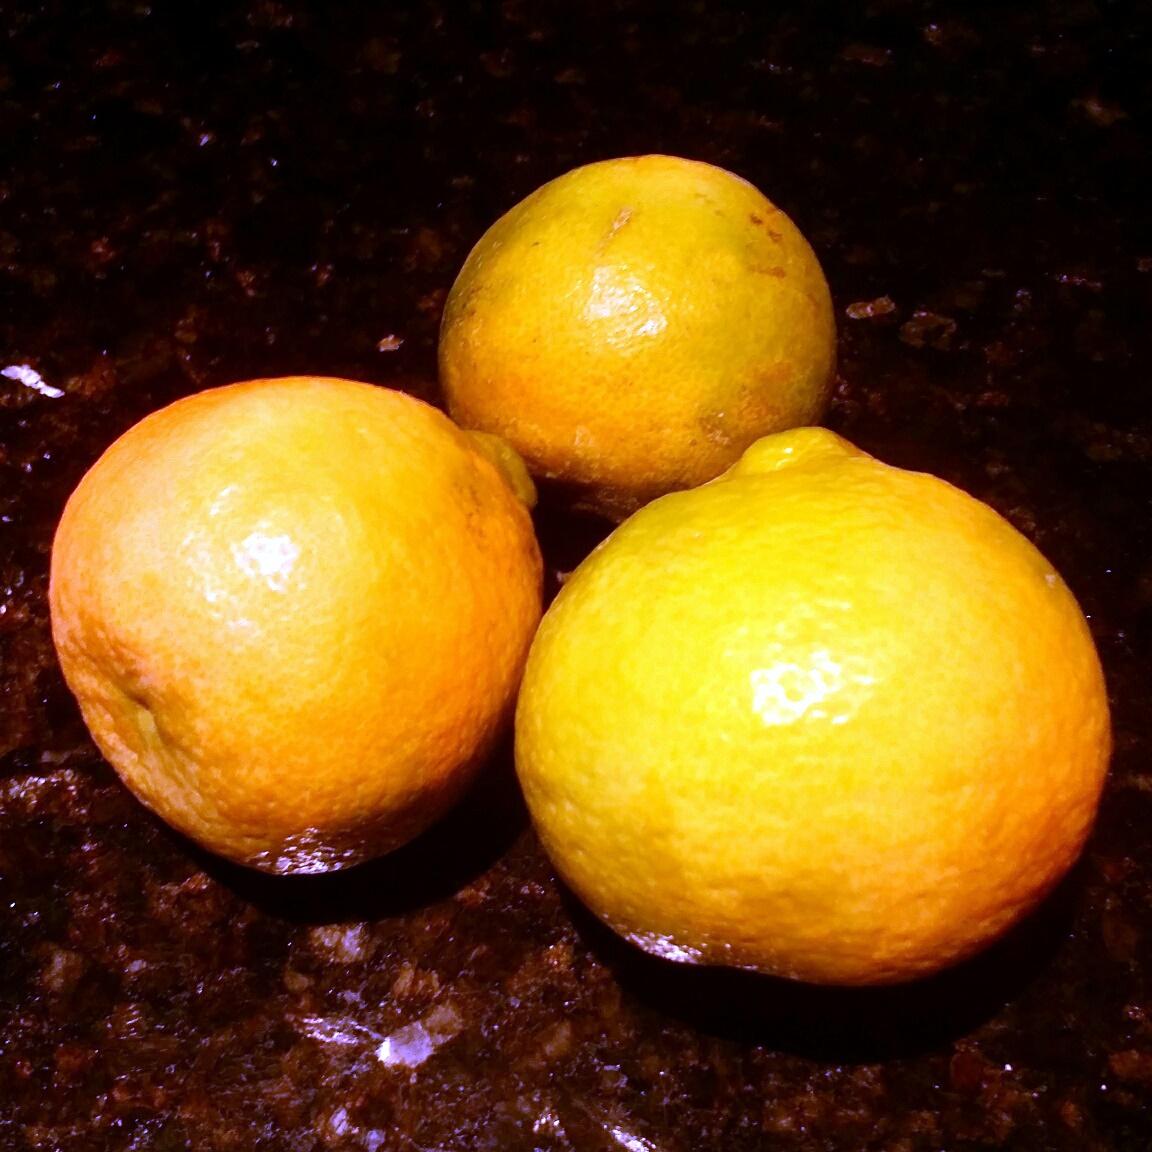 magick oranges